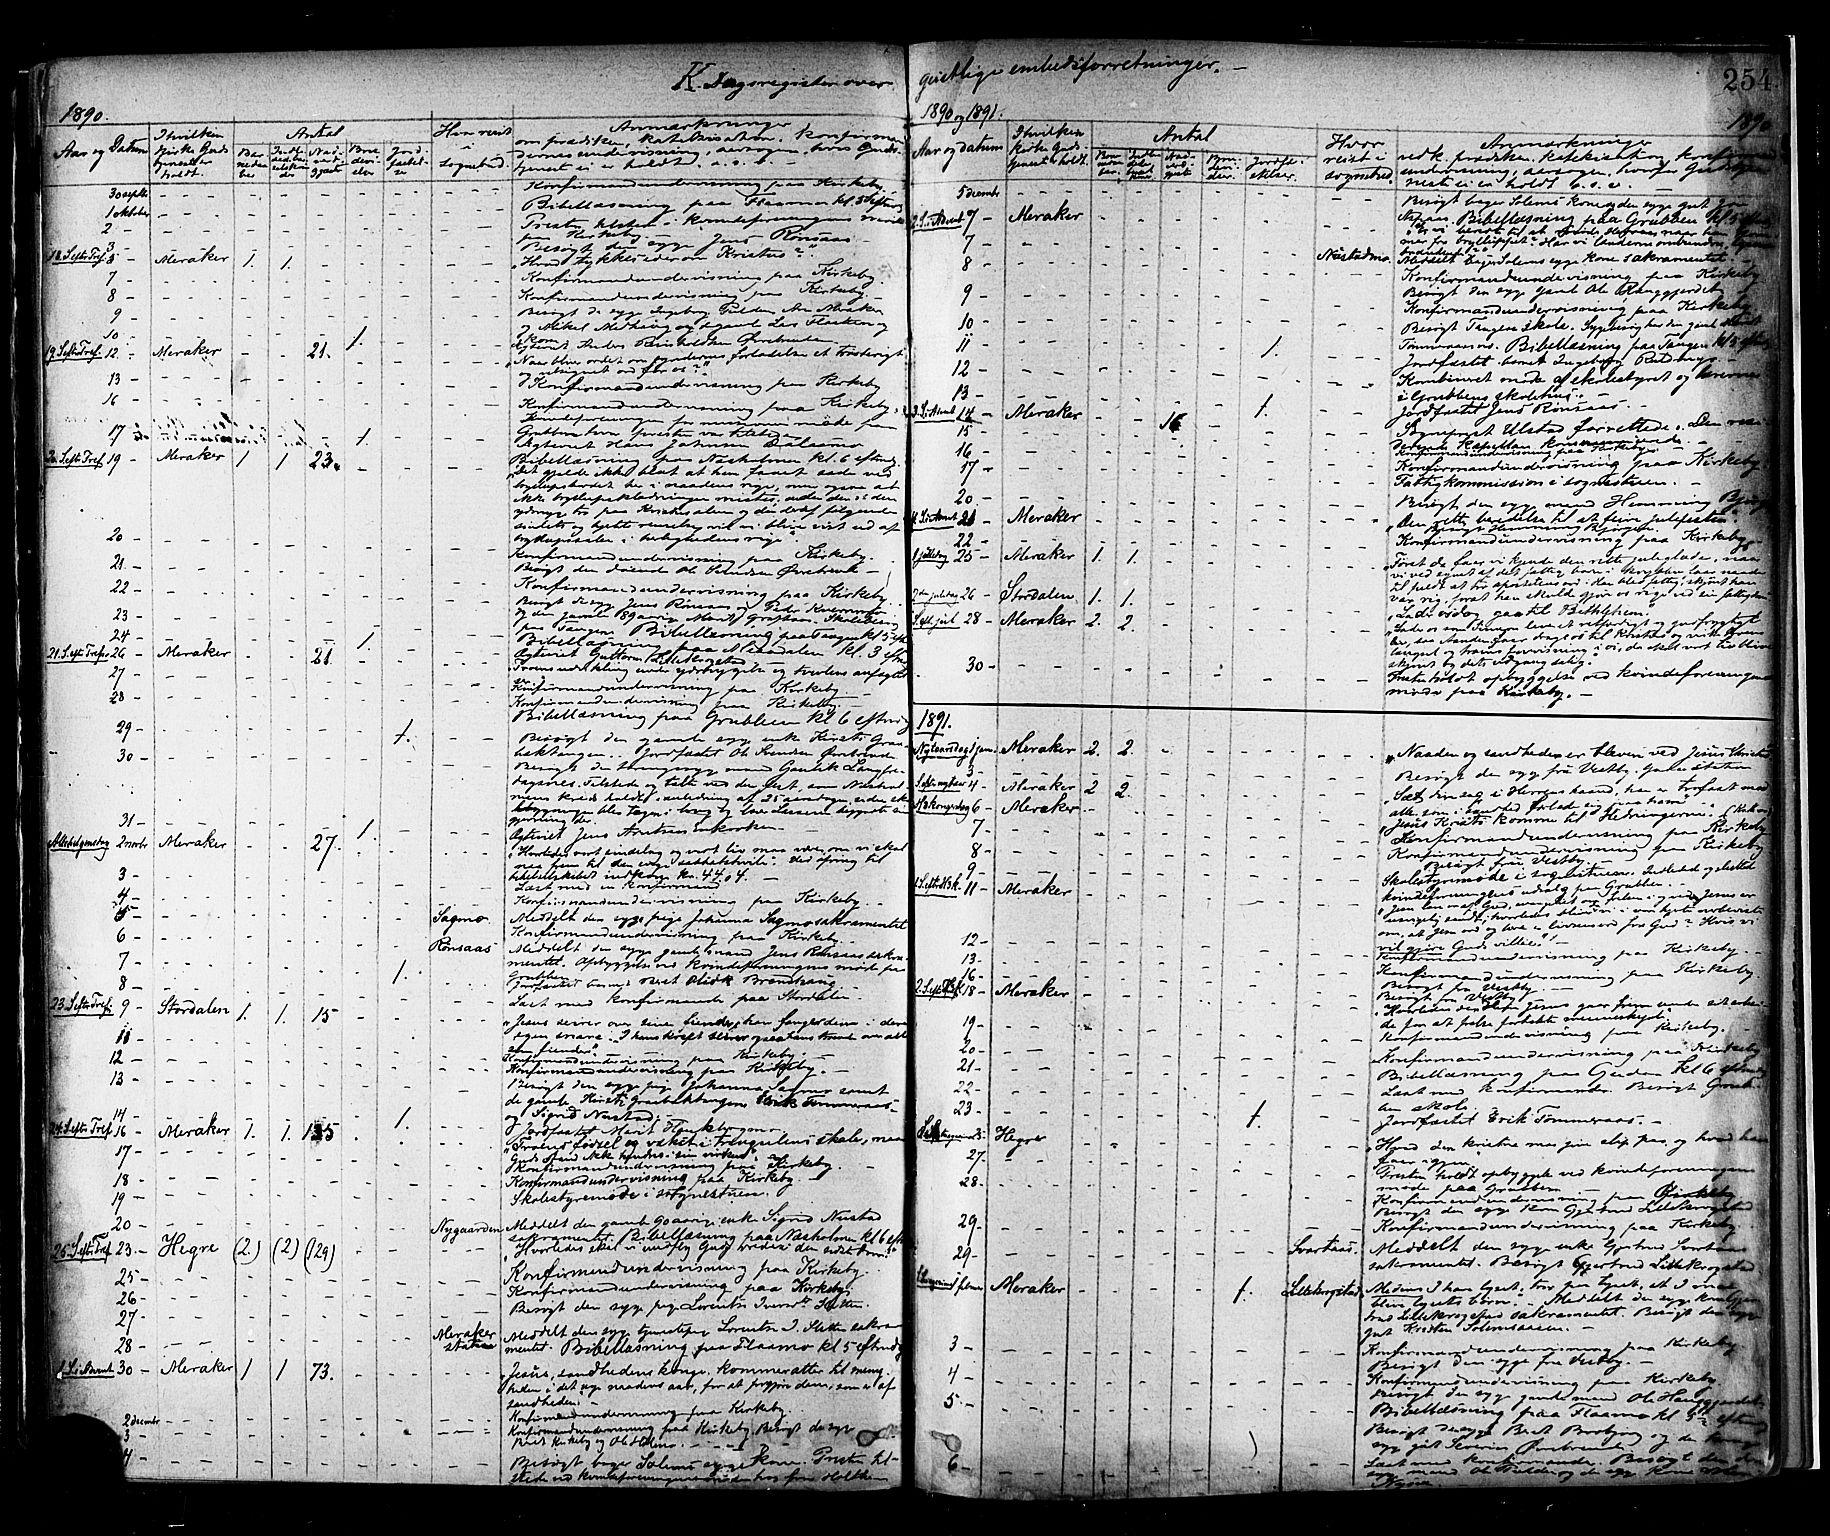 SAT, Ministerialprotokoller, klokkerbøker og fødselsregistre - Nord-Trøndelag, 706/L0047: Ministerialbok nr. 706A03, 1878-1892, s. 254